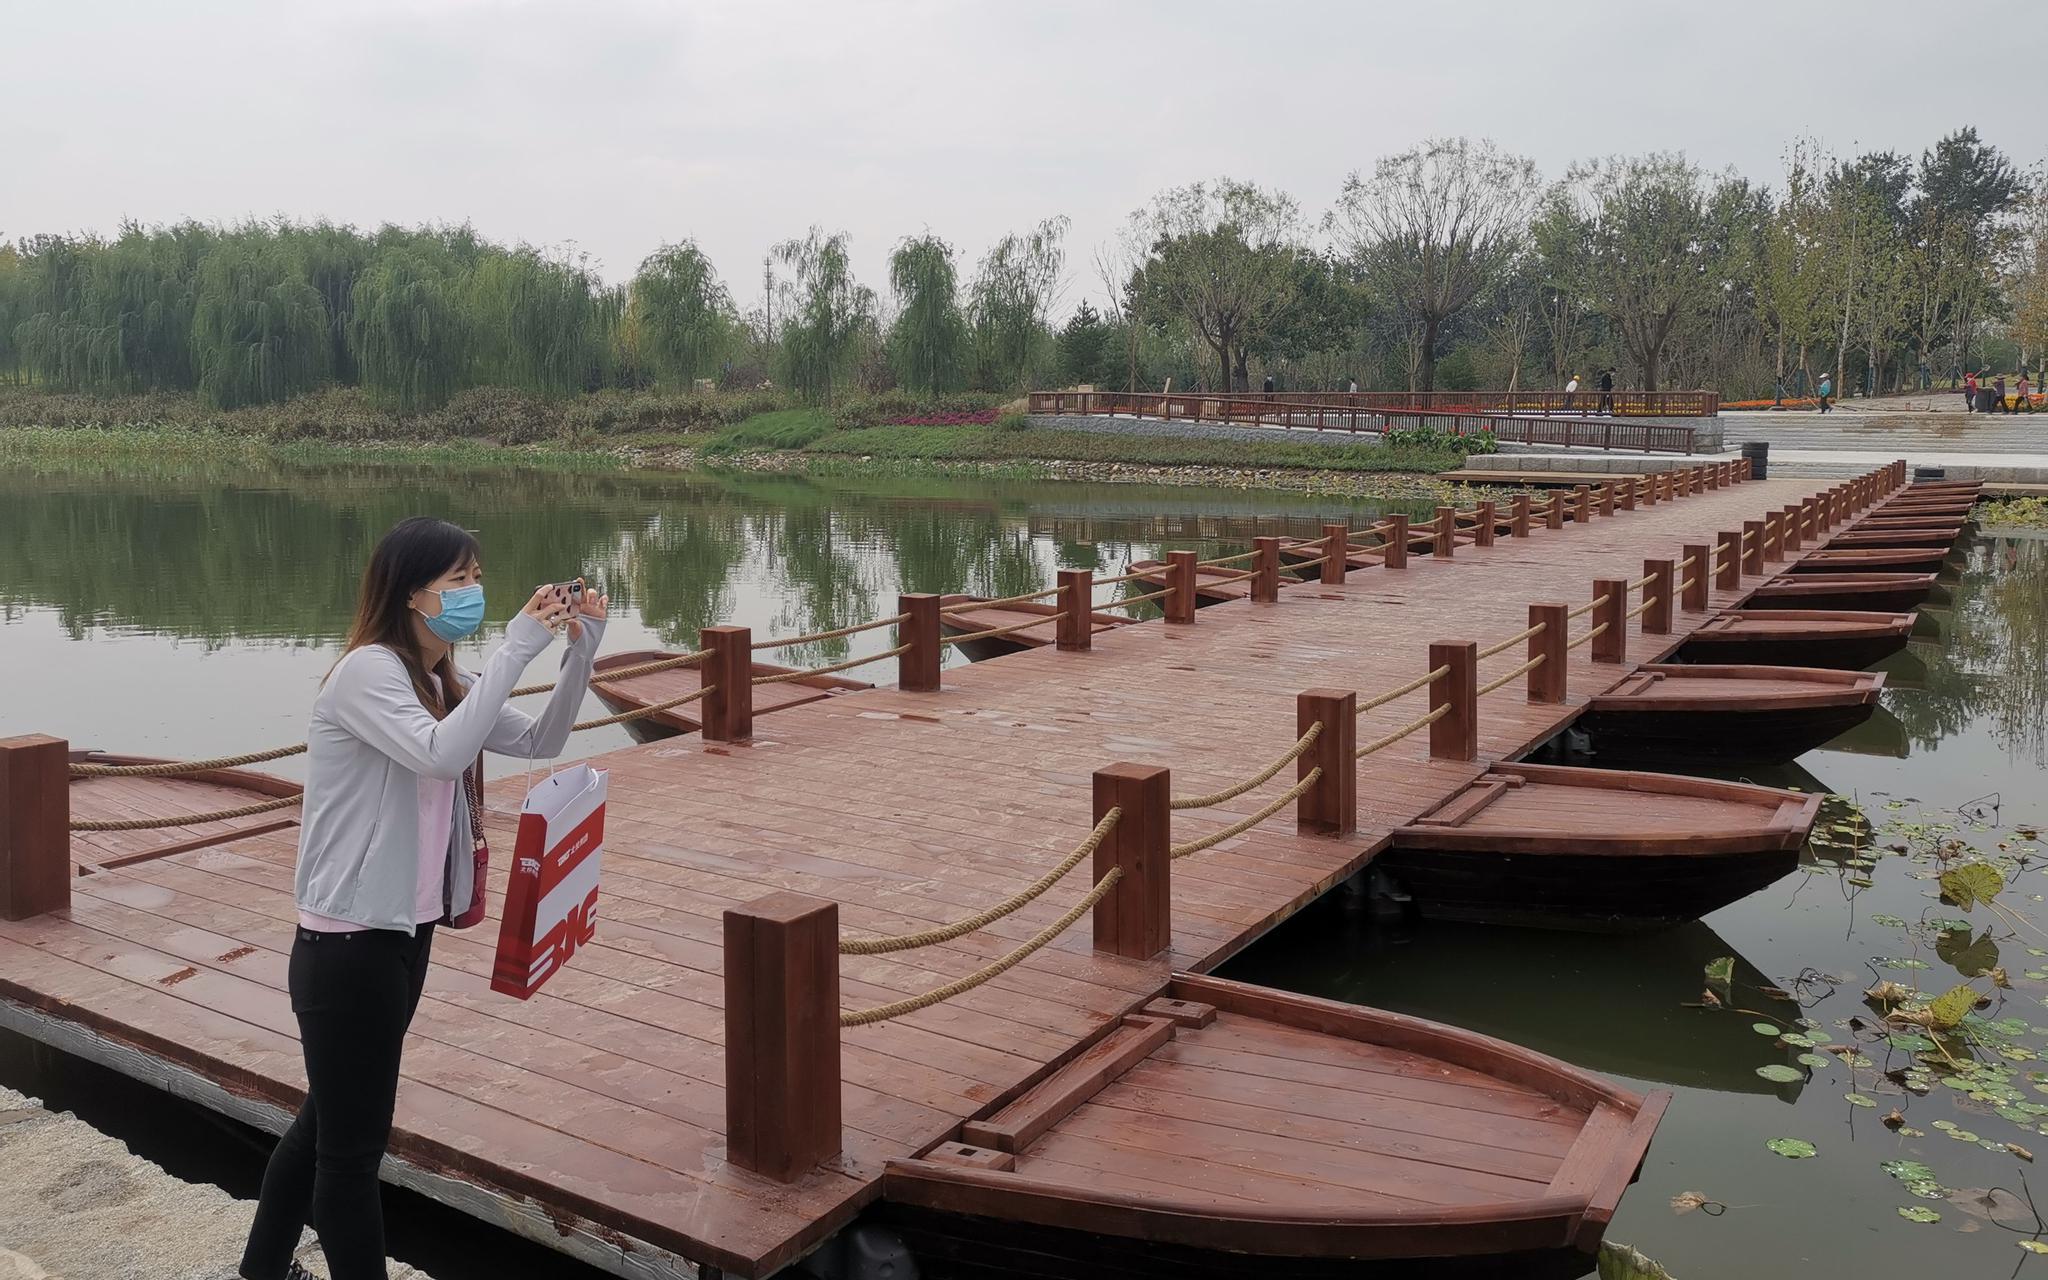 运河故道上的浮桥将给旅客带来奇怪体验。 记京报新者 张璐。 摄